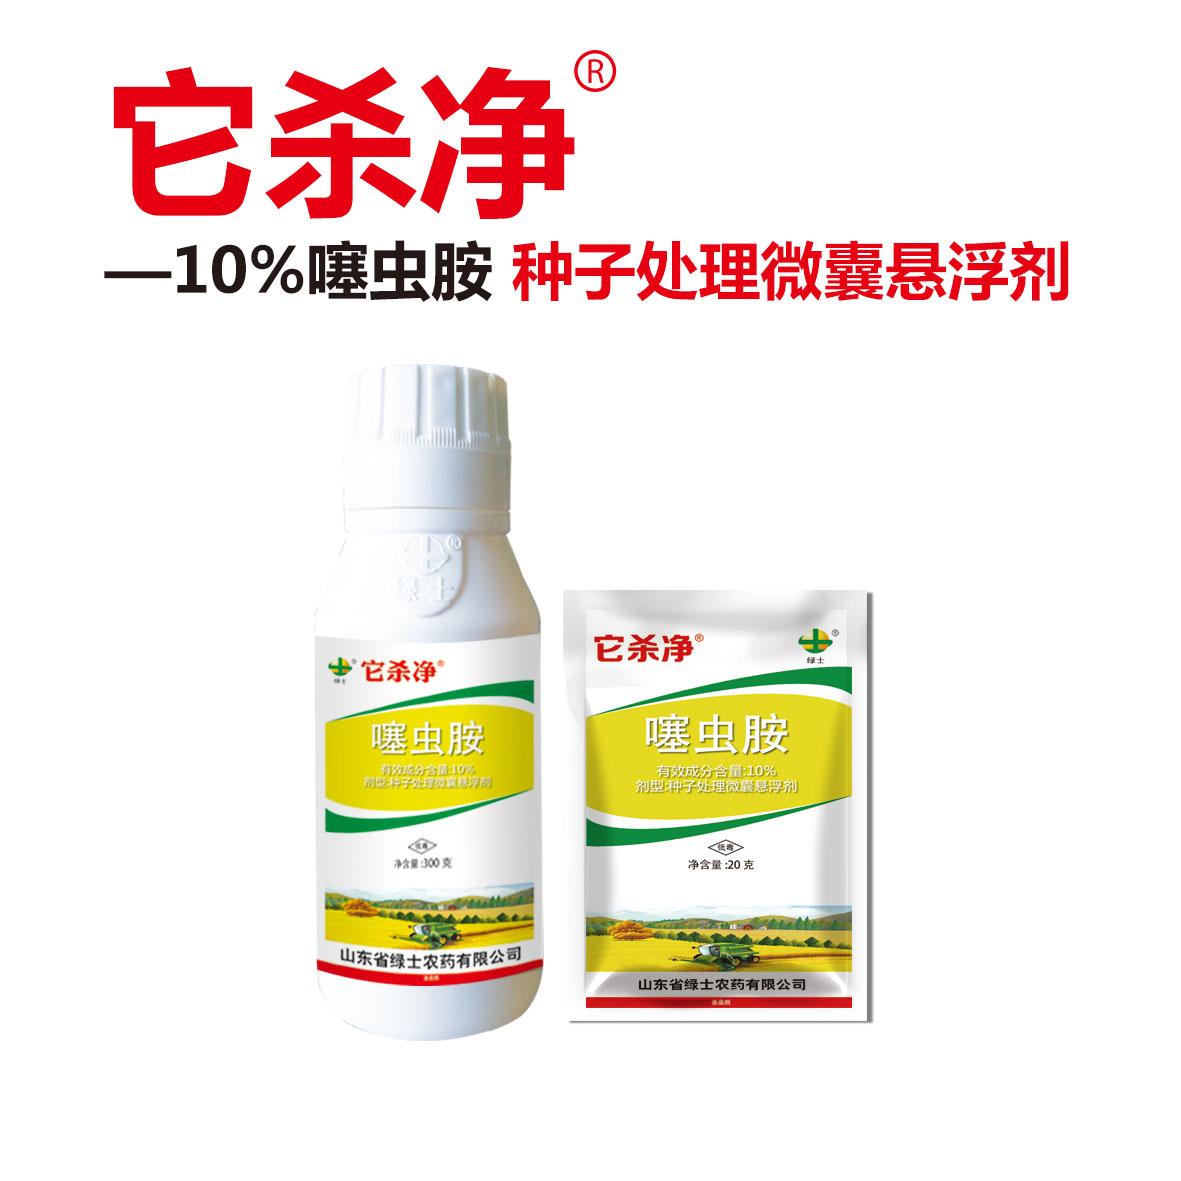 10%噻虫胺